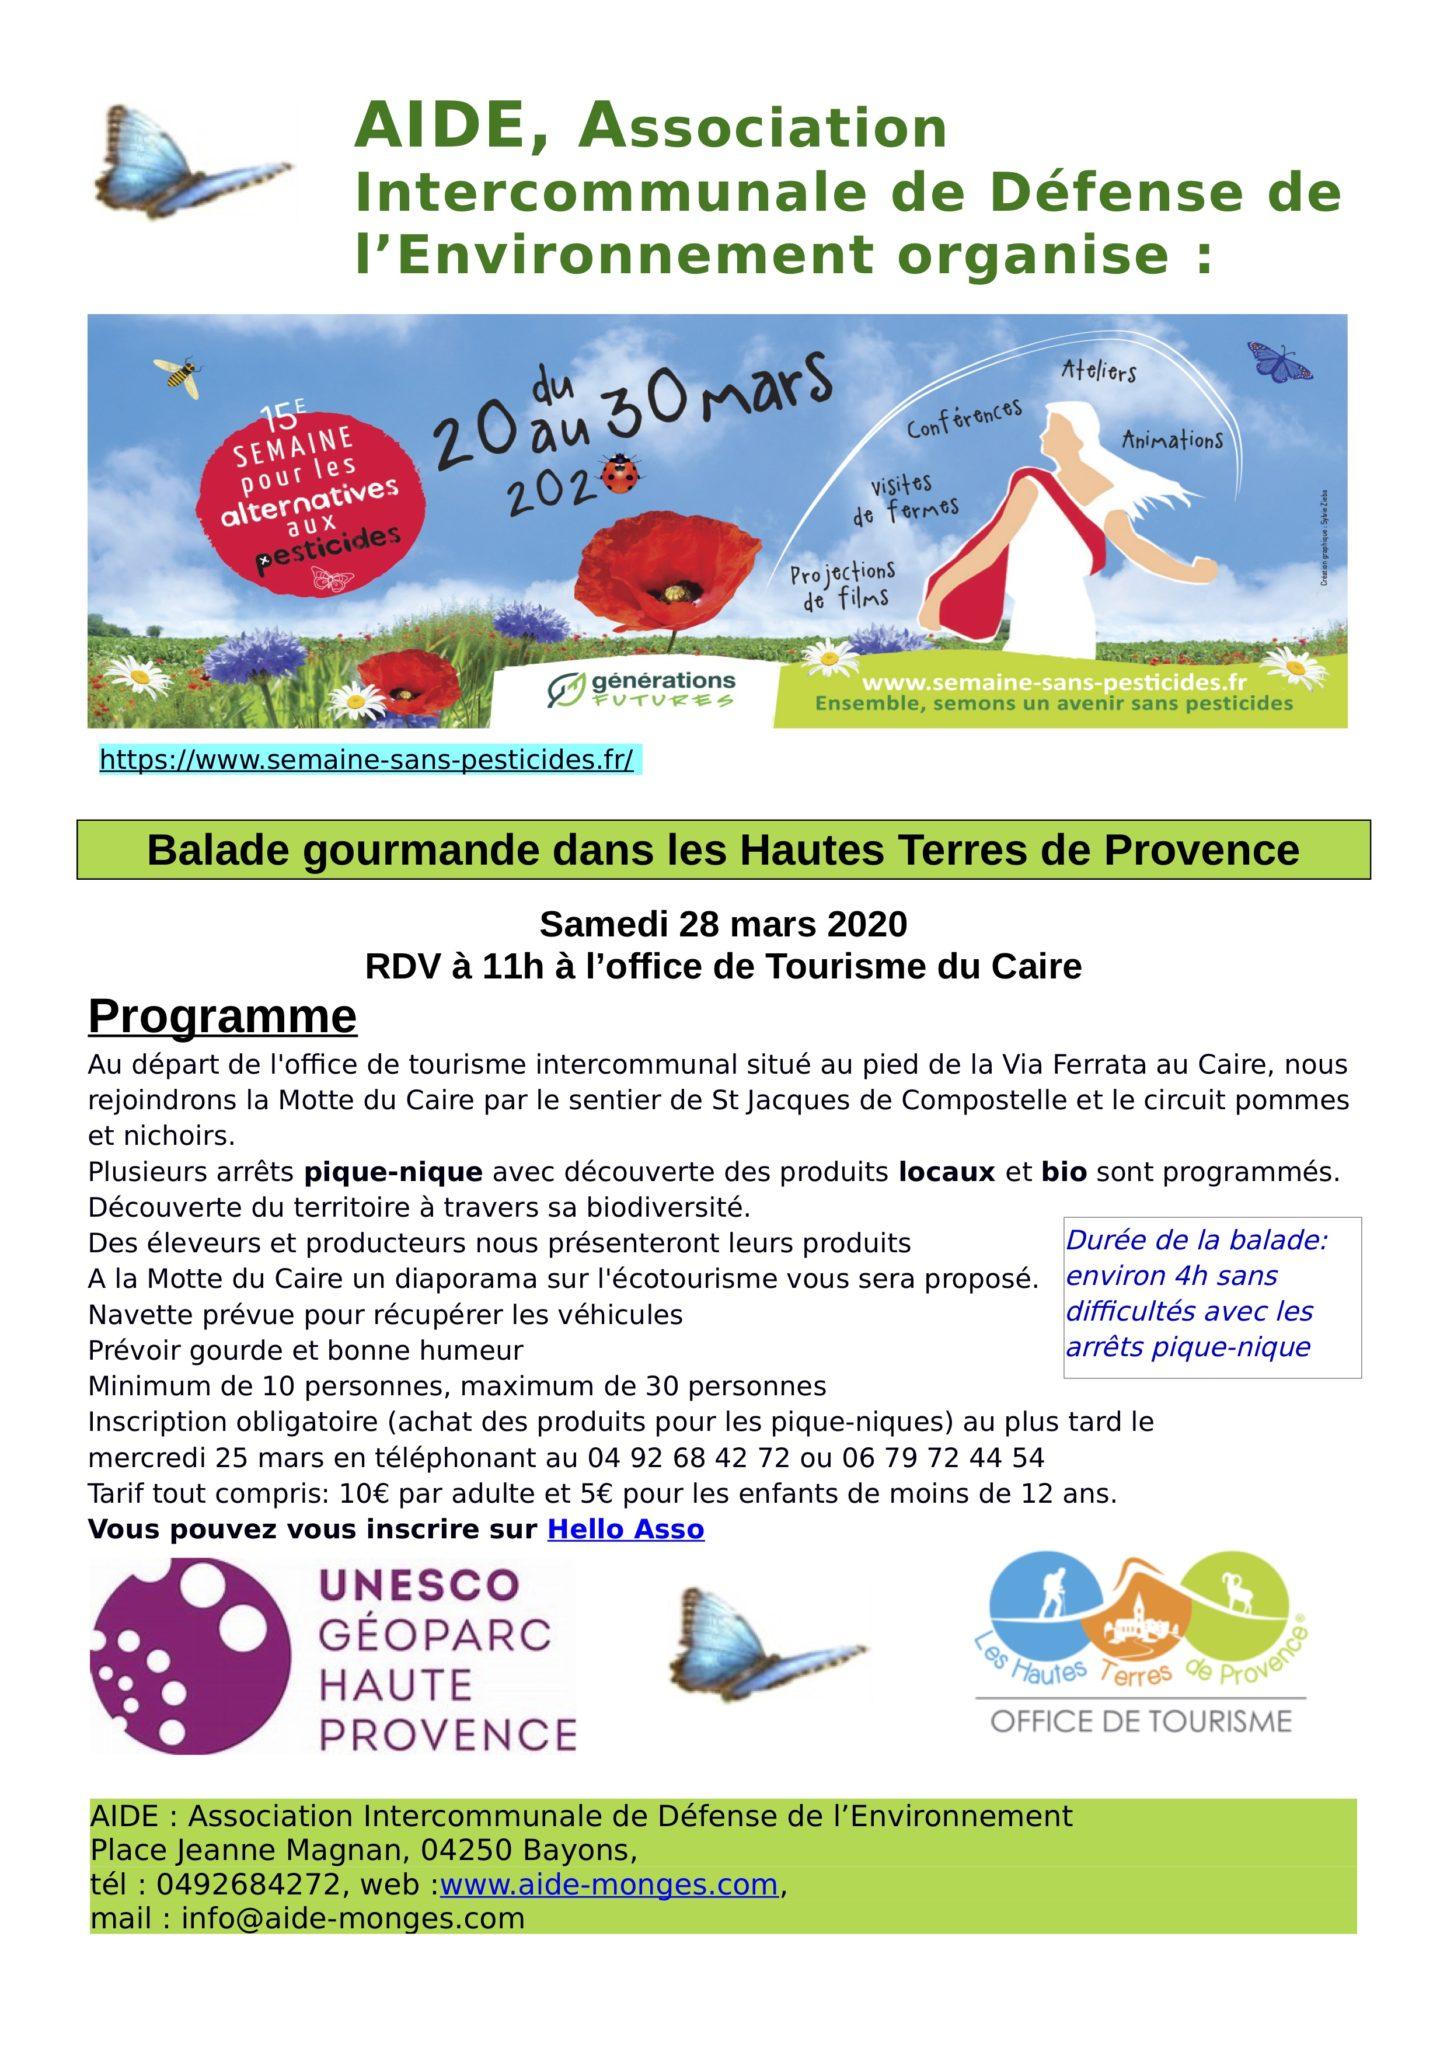 semaine sans pesticide 2020, proposition Alain 5